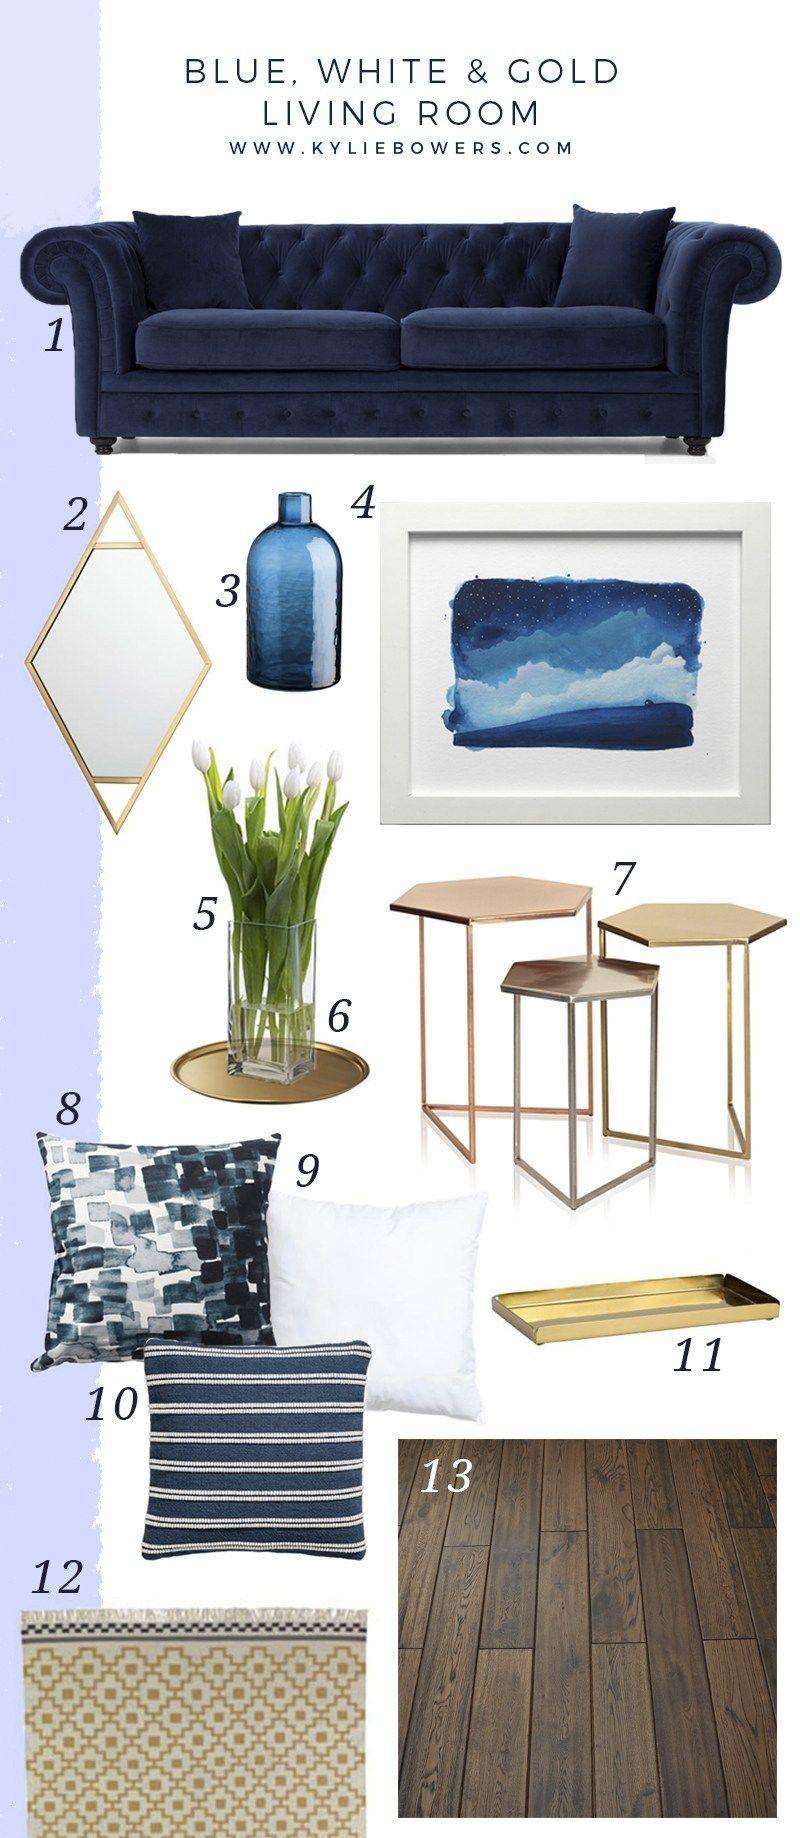 Blue White Gold Living Room Kylie Bowers Art Illustration